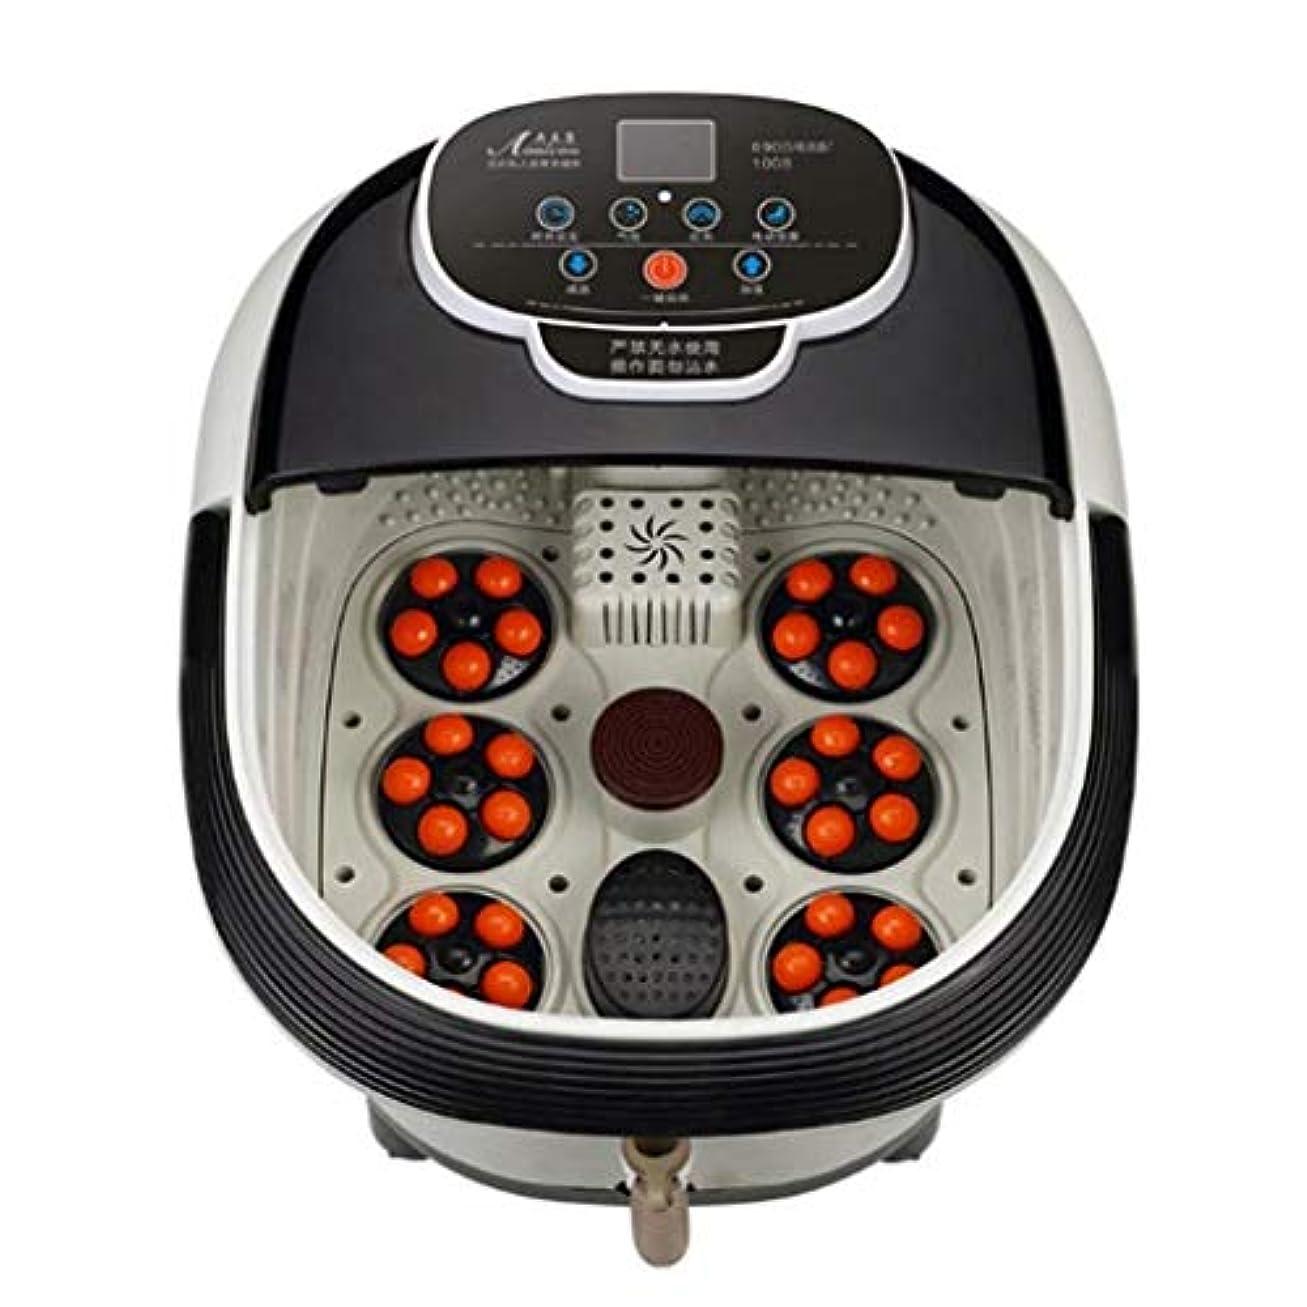 電動フットマッサージベイスン、フットバスバレル、フットバススパマッサージャー、痛みの緩和/睡眠の促進、ホームオフィスでの使用